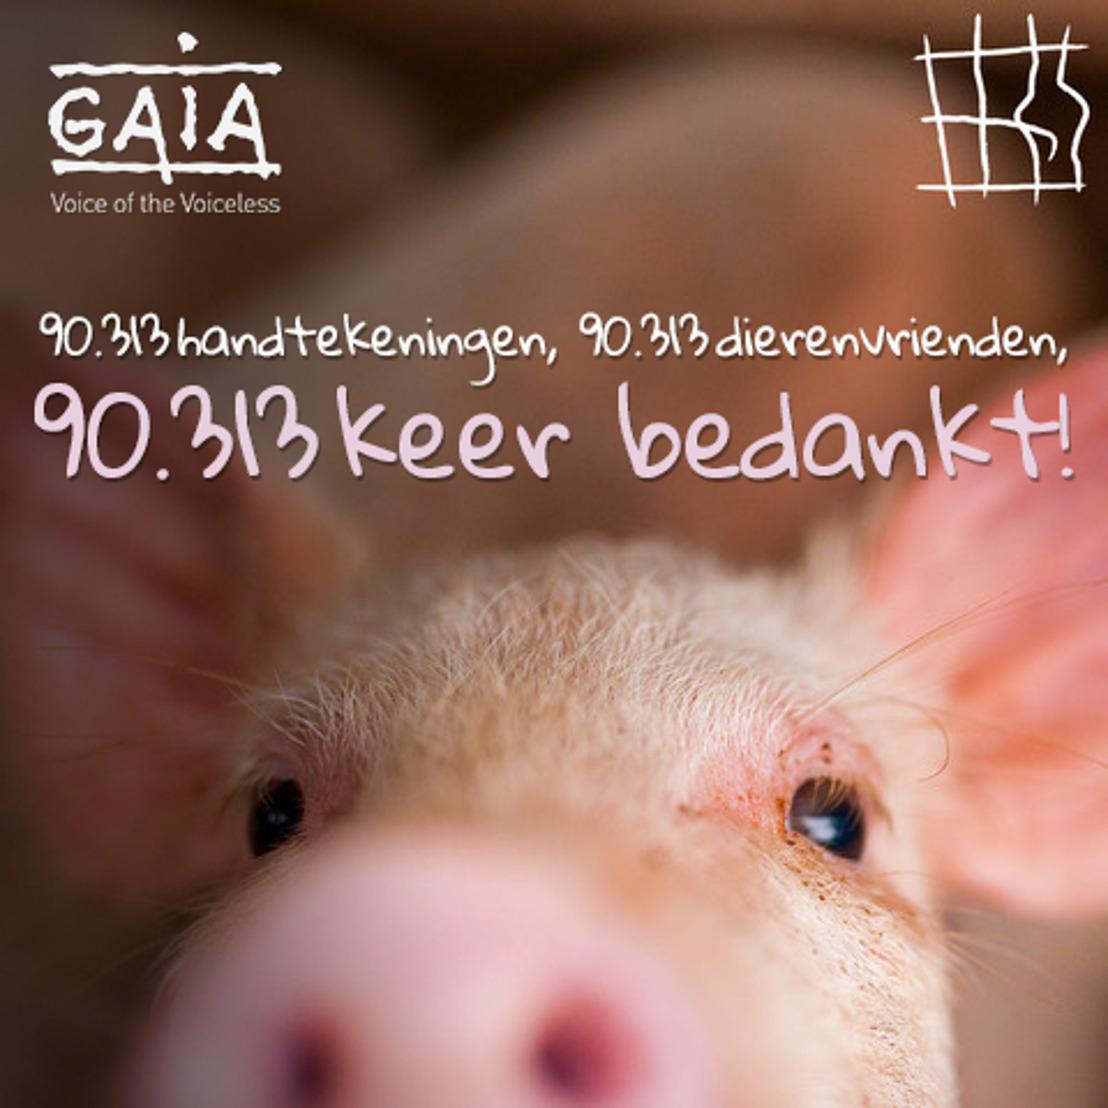 Grootste Europees burgerinitiatief ooit: 'Stop de kooien' sluit af met 1,5 miljoen handtekeningen